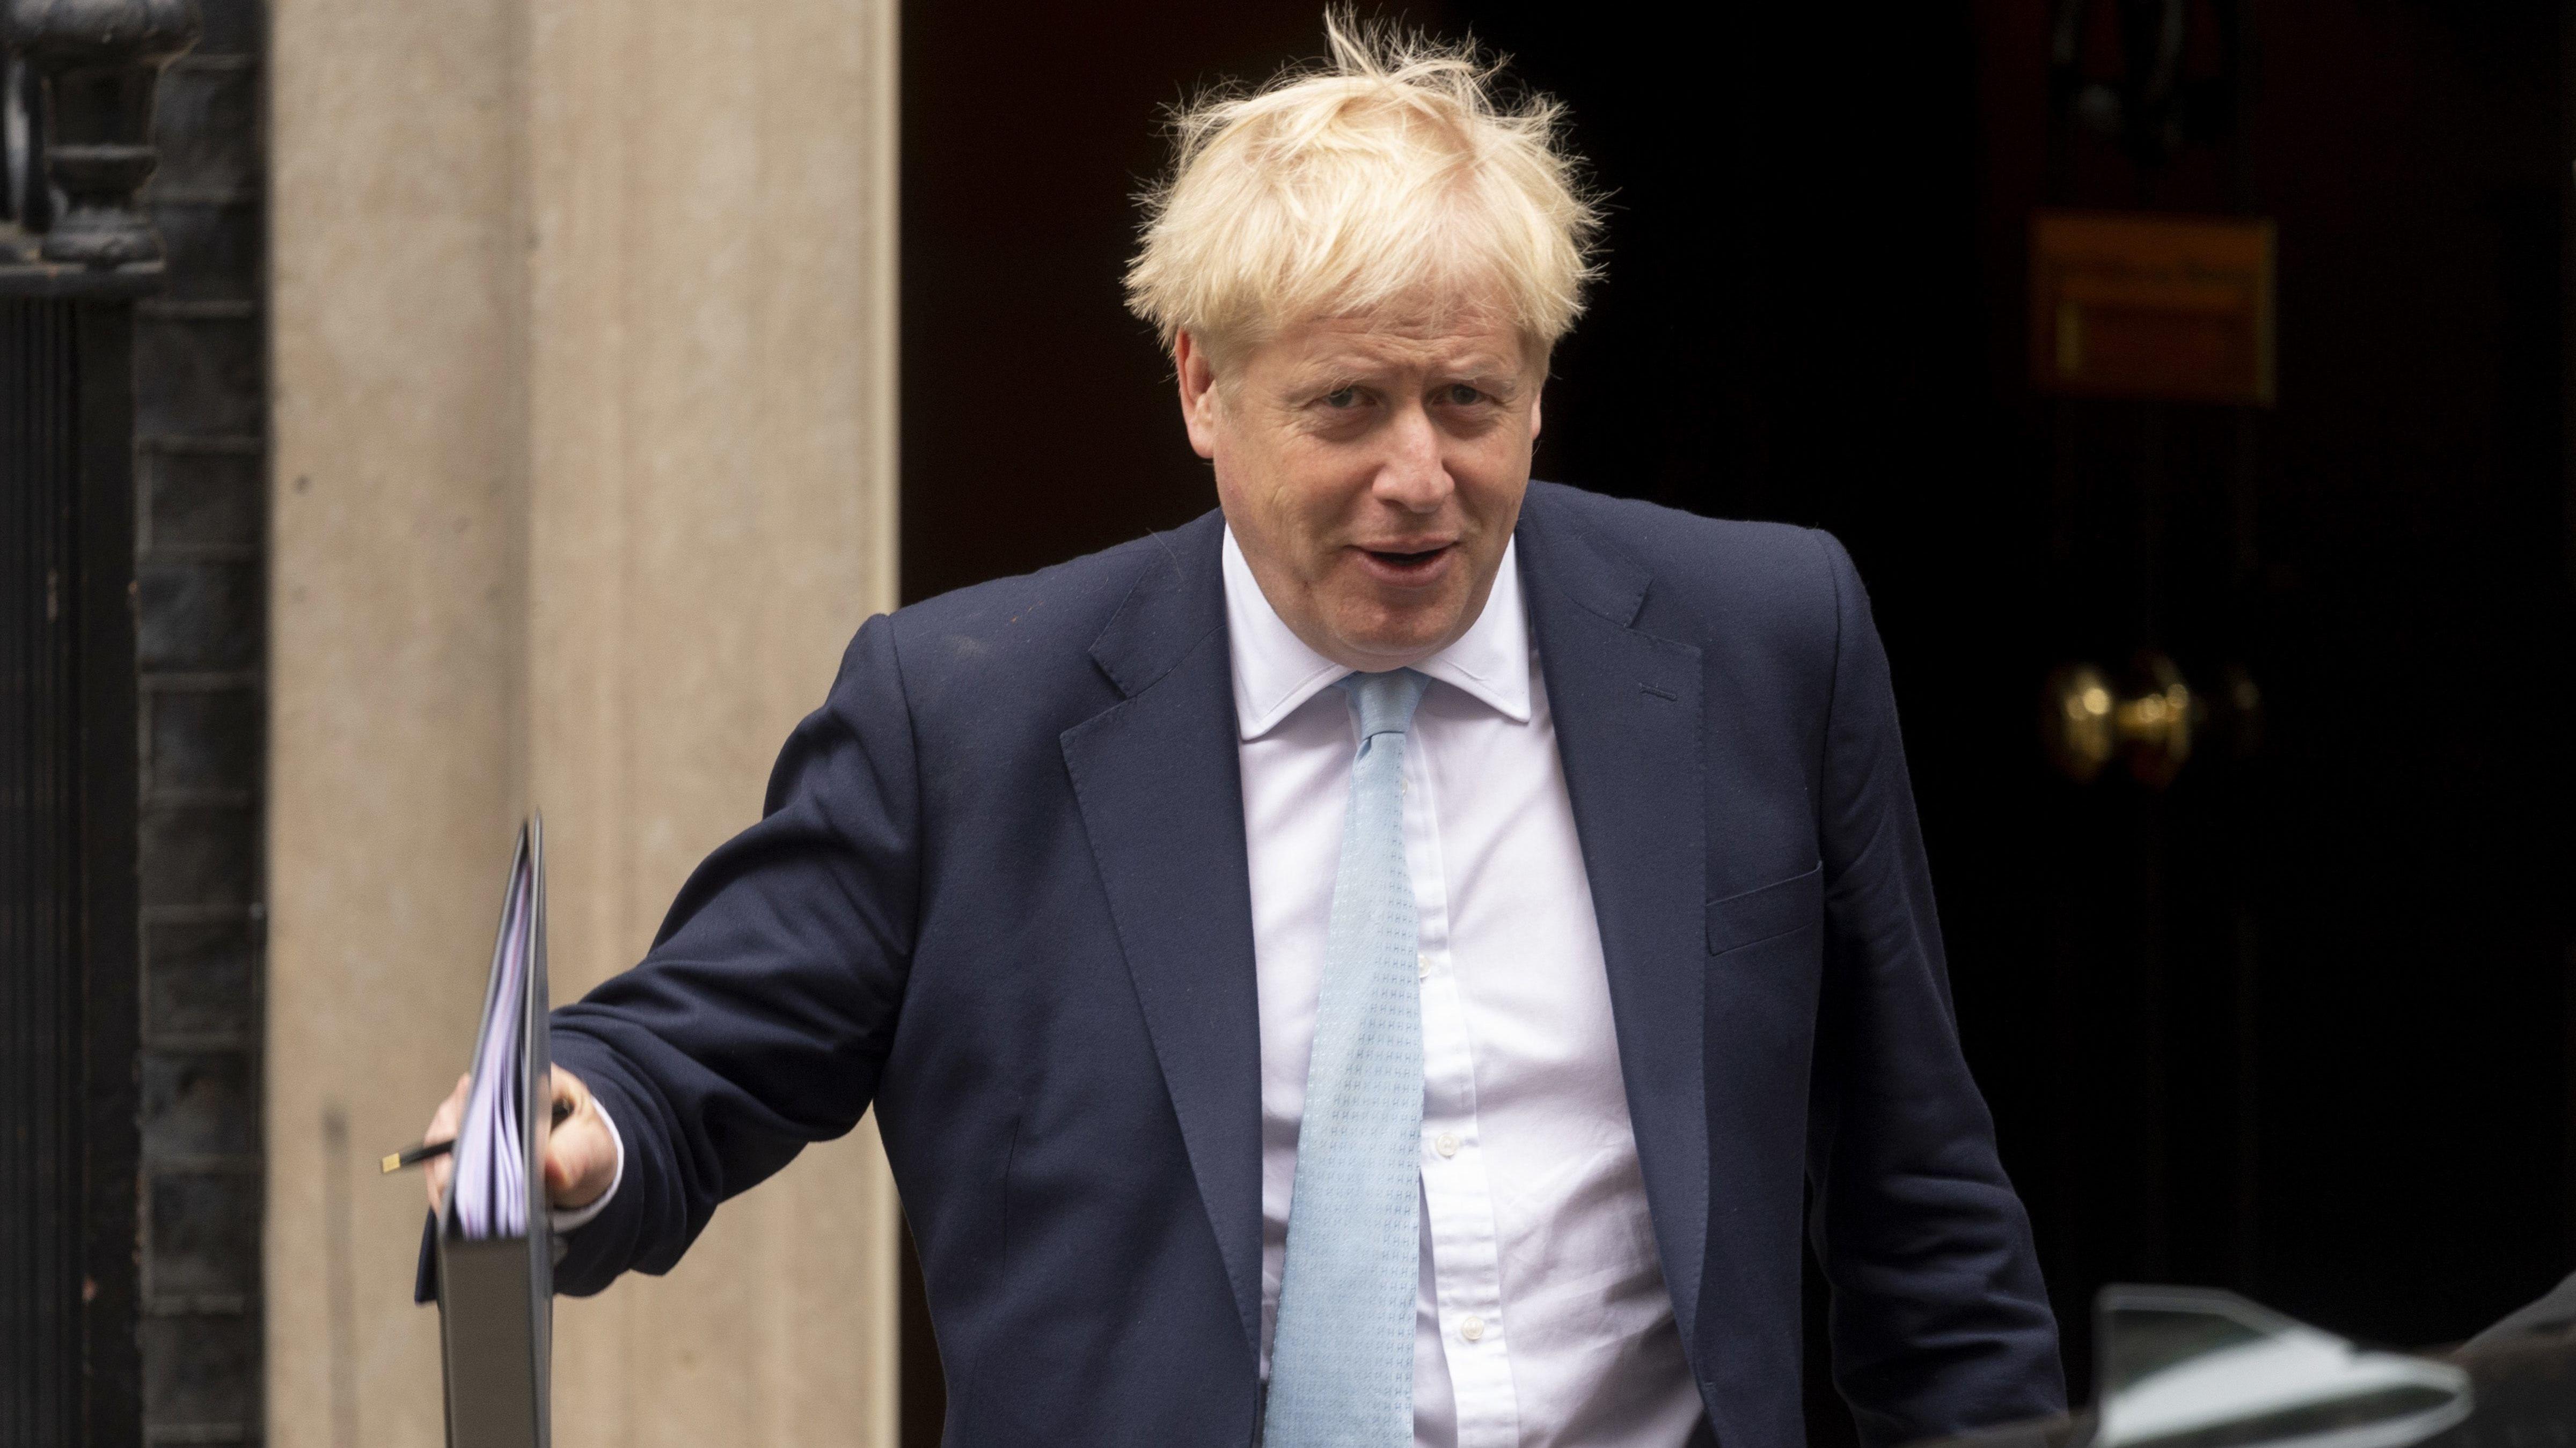 Der britische Premierminister Boris Johnson verlässt seinen Amtssitz, die Downing Street 10, in London.